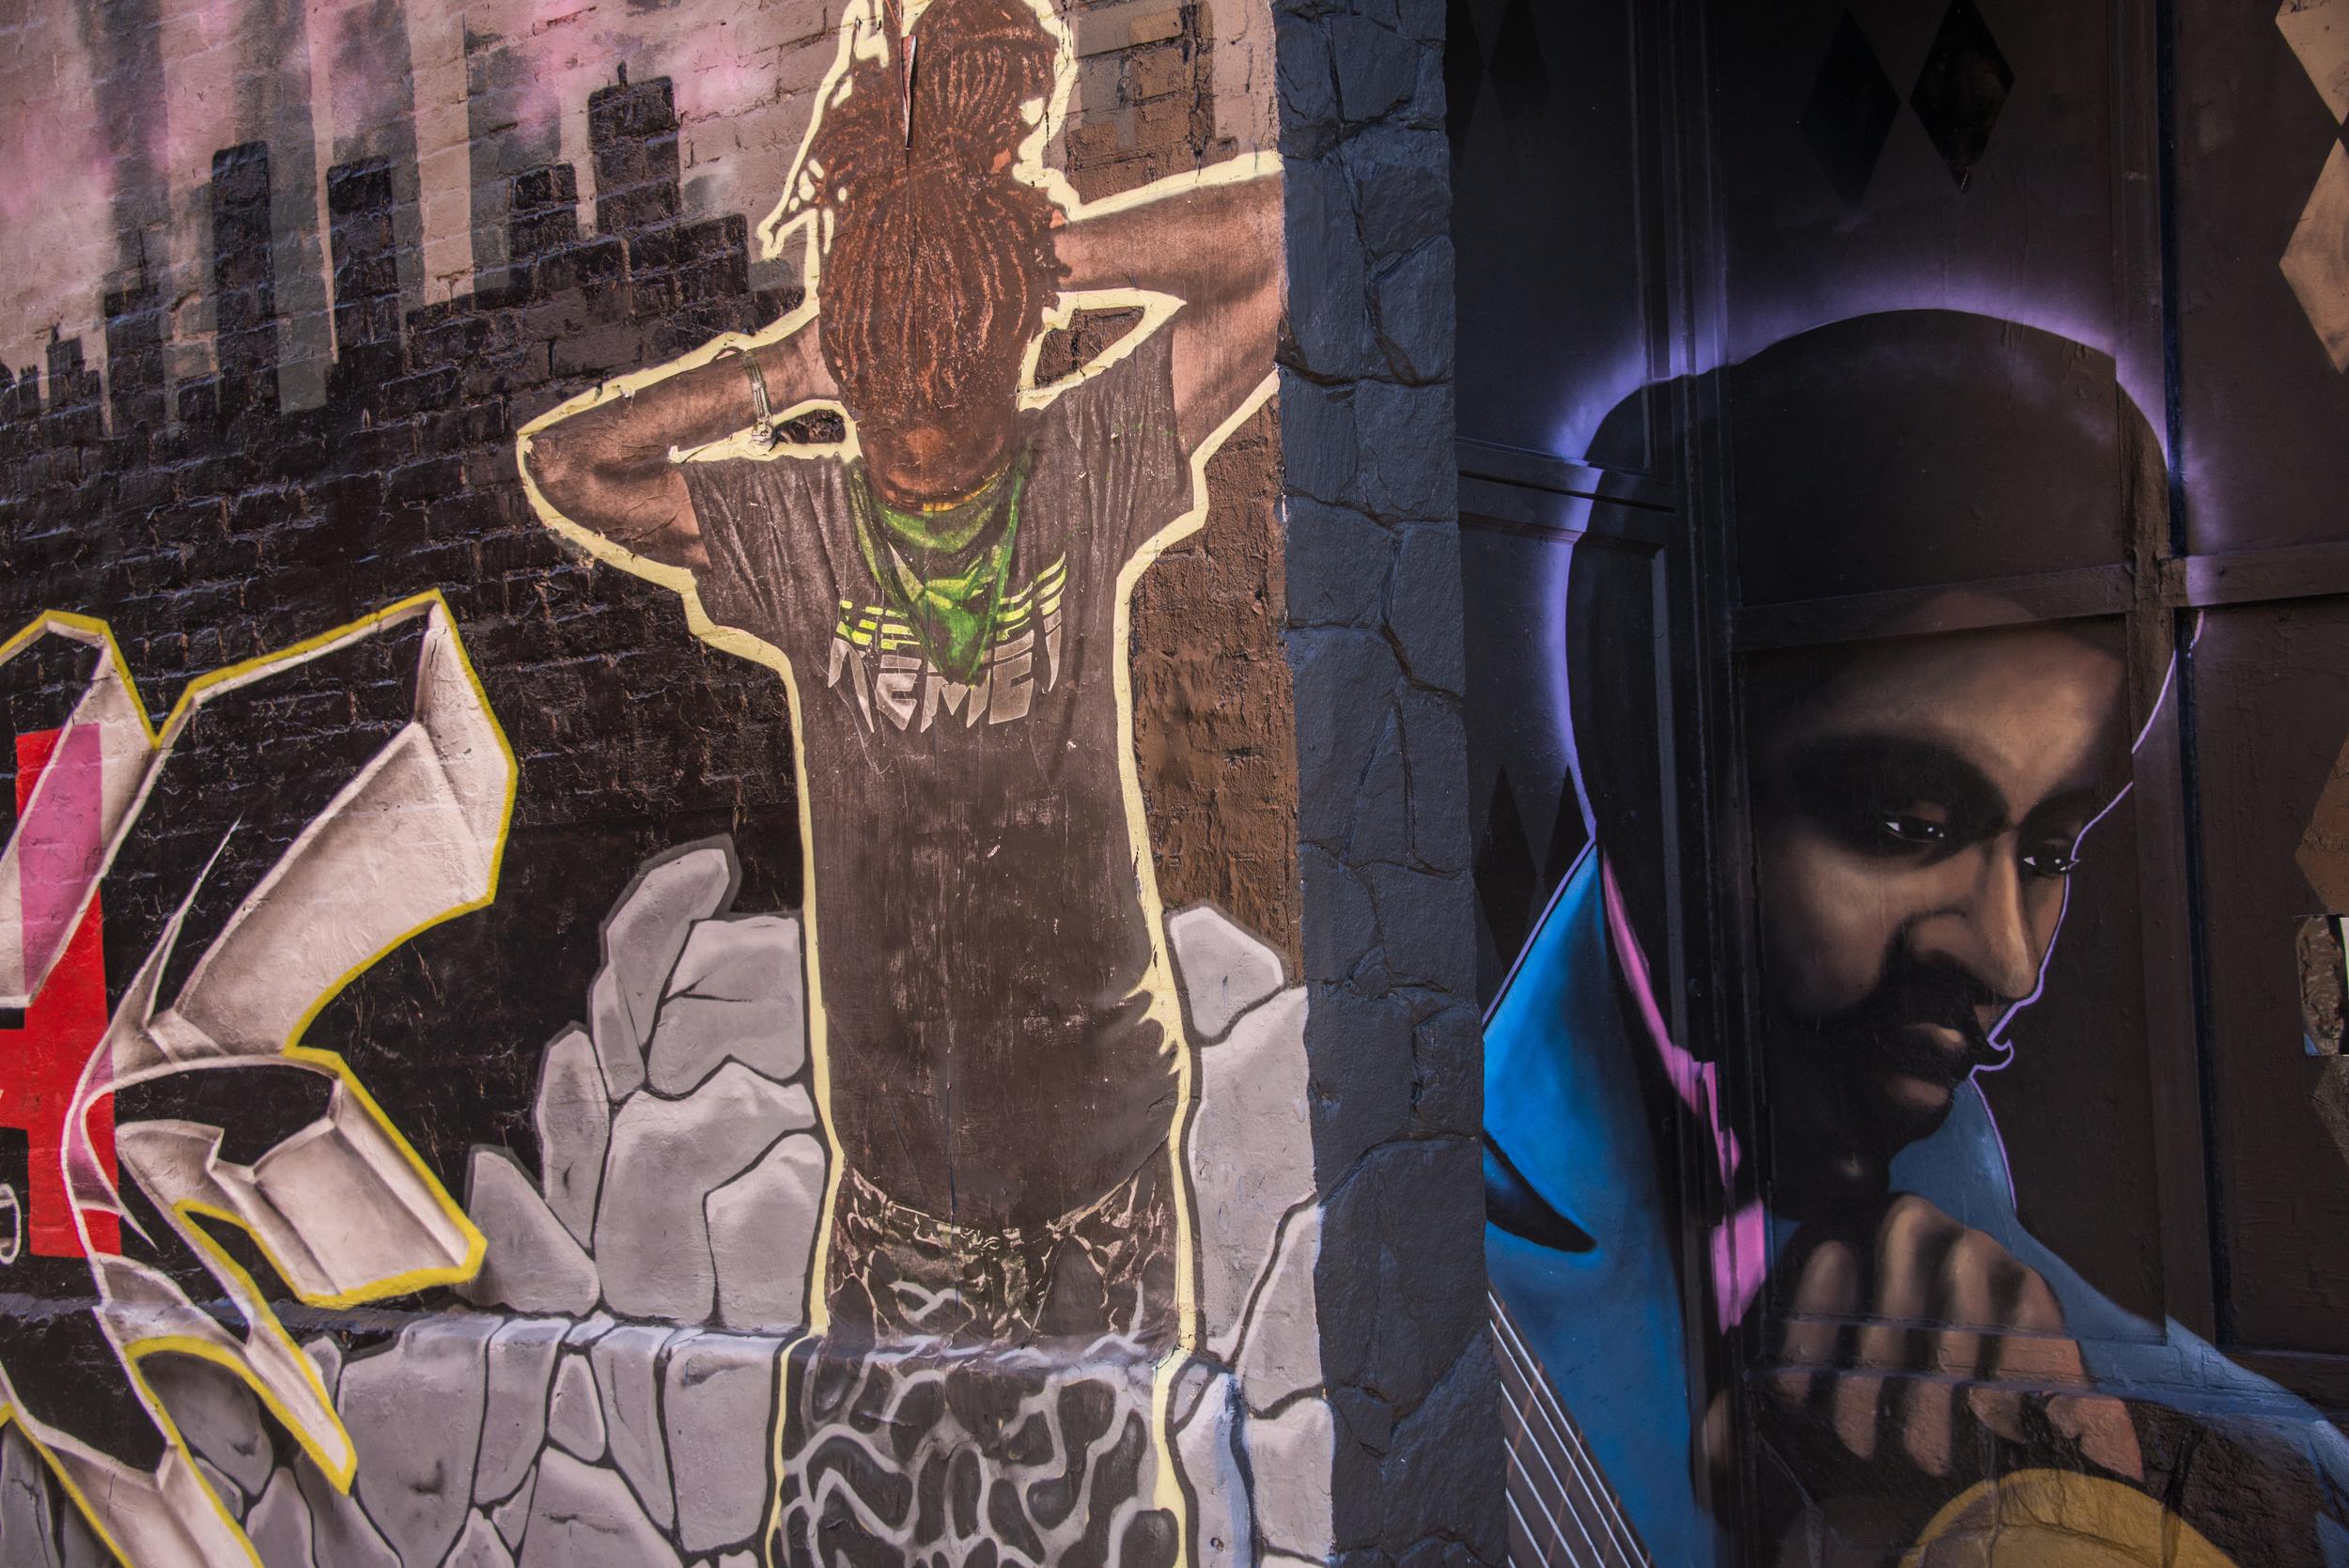 U Street walls